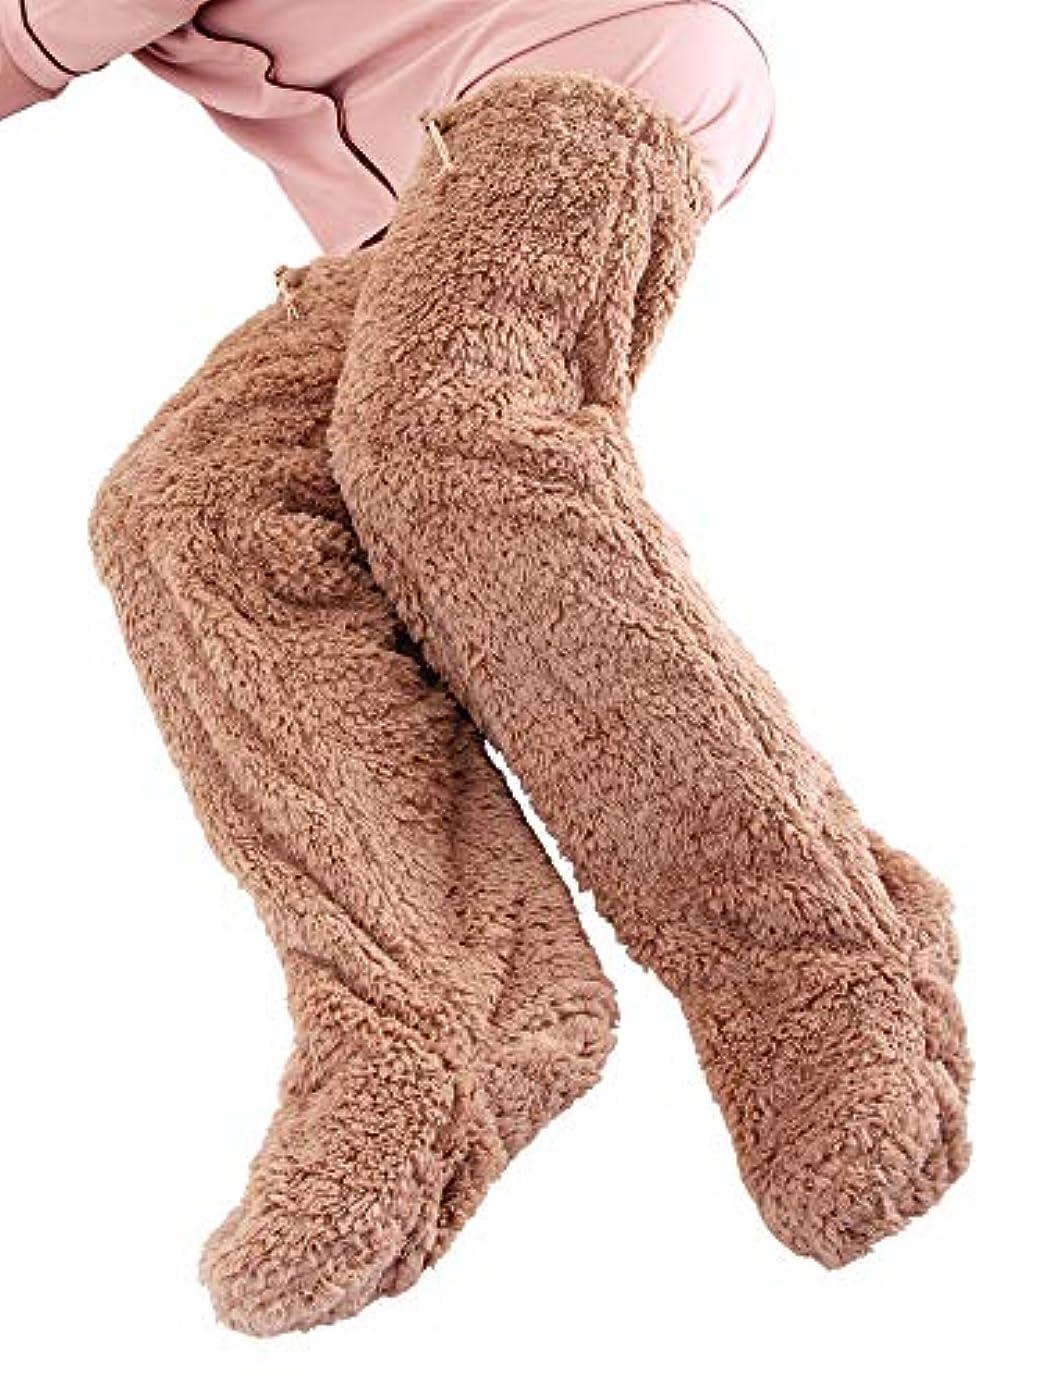 どれ奇妙なフィドル極暖 足が出せるロングカバー ストッパー付き ブラウン?Lサイズ